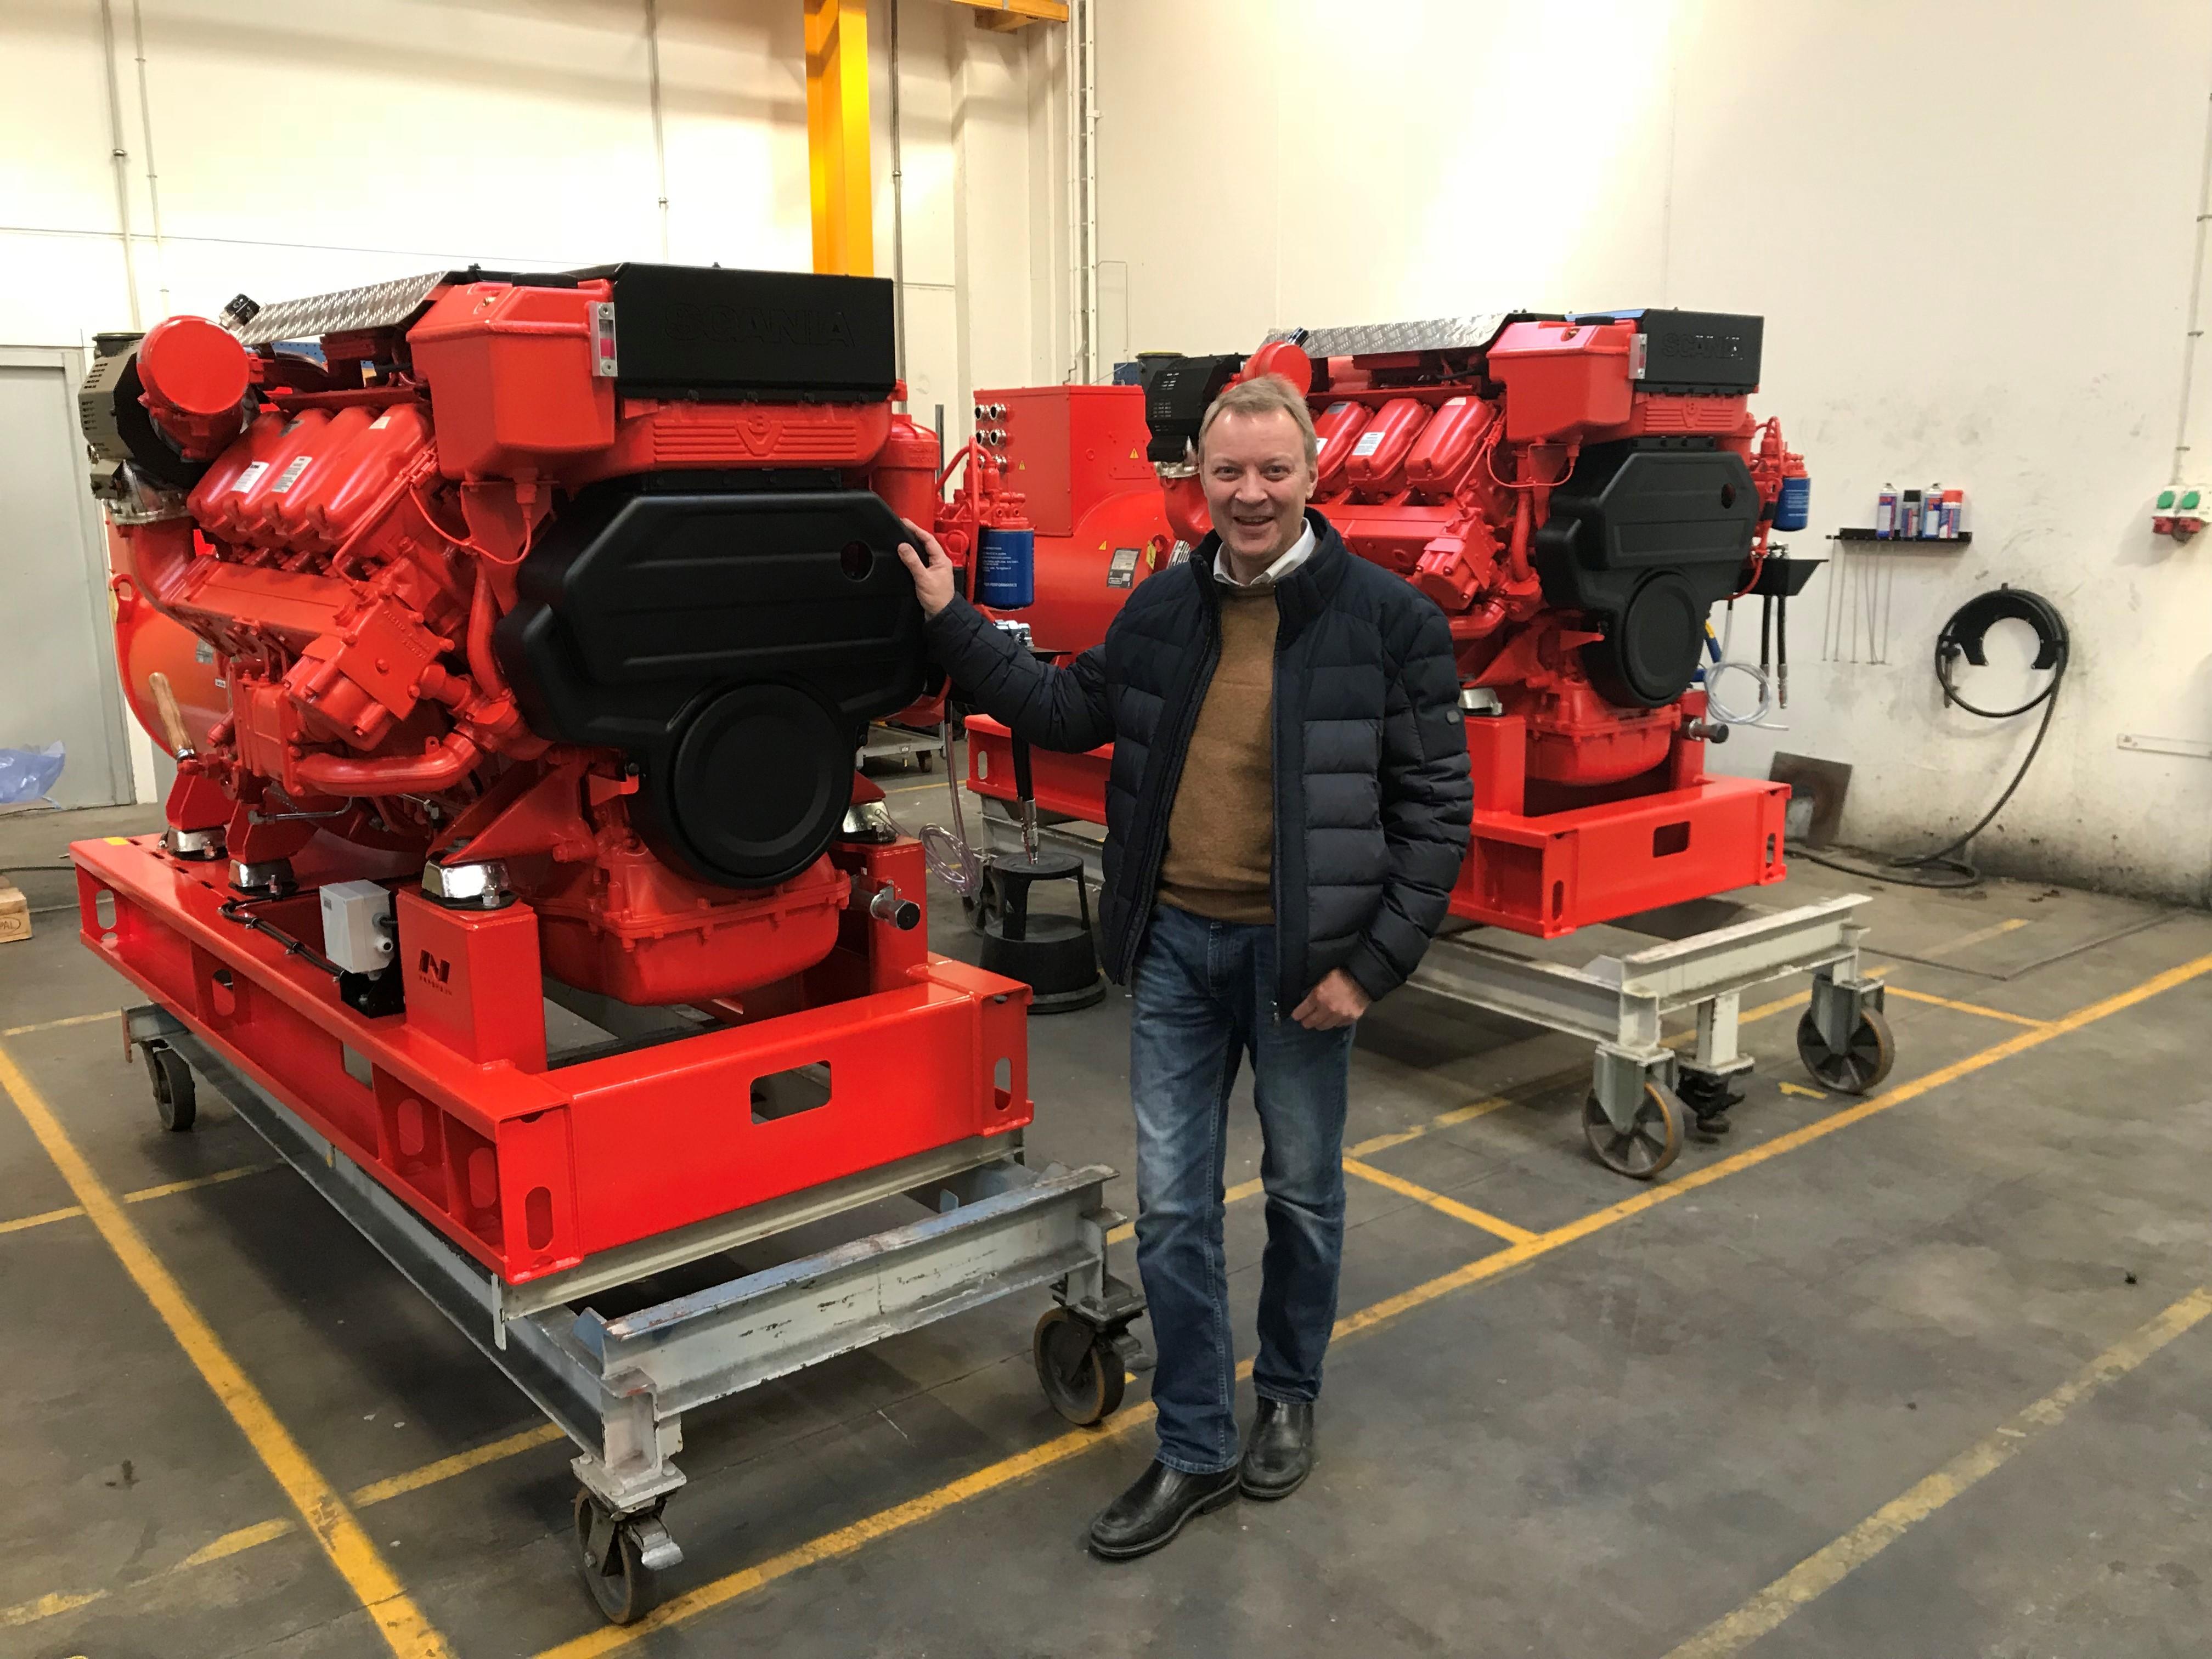 Troels, MH Simonsen står foran 2 anlæg GASI 16-05, inden de afsendes til Grønland